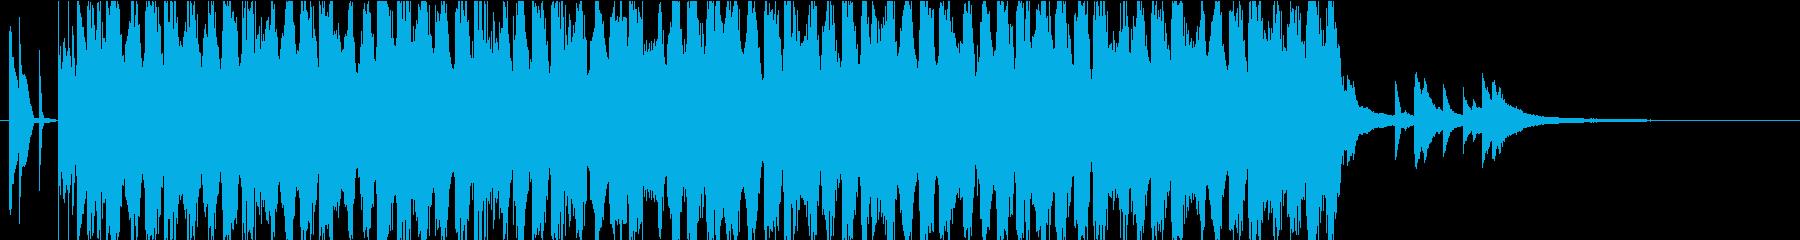 明るく前向きで短いEDM風ポップの再生済みの波形